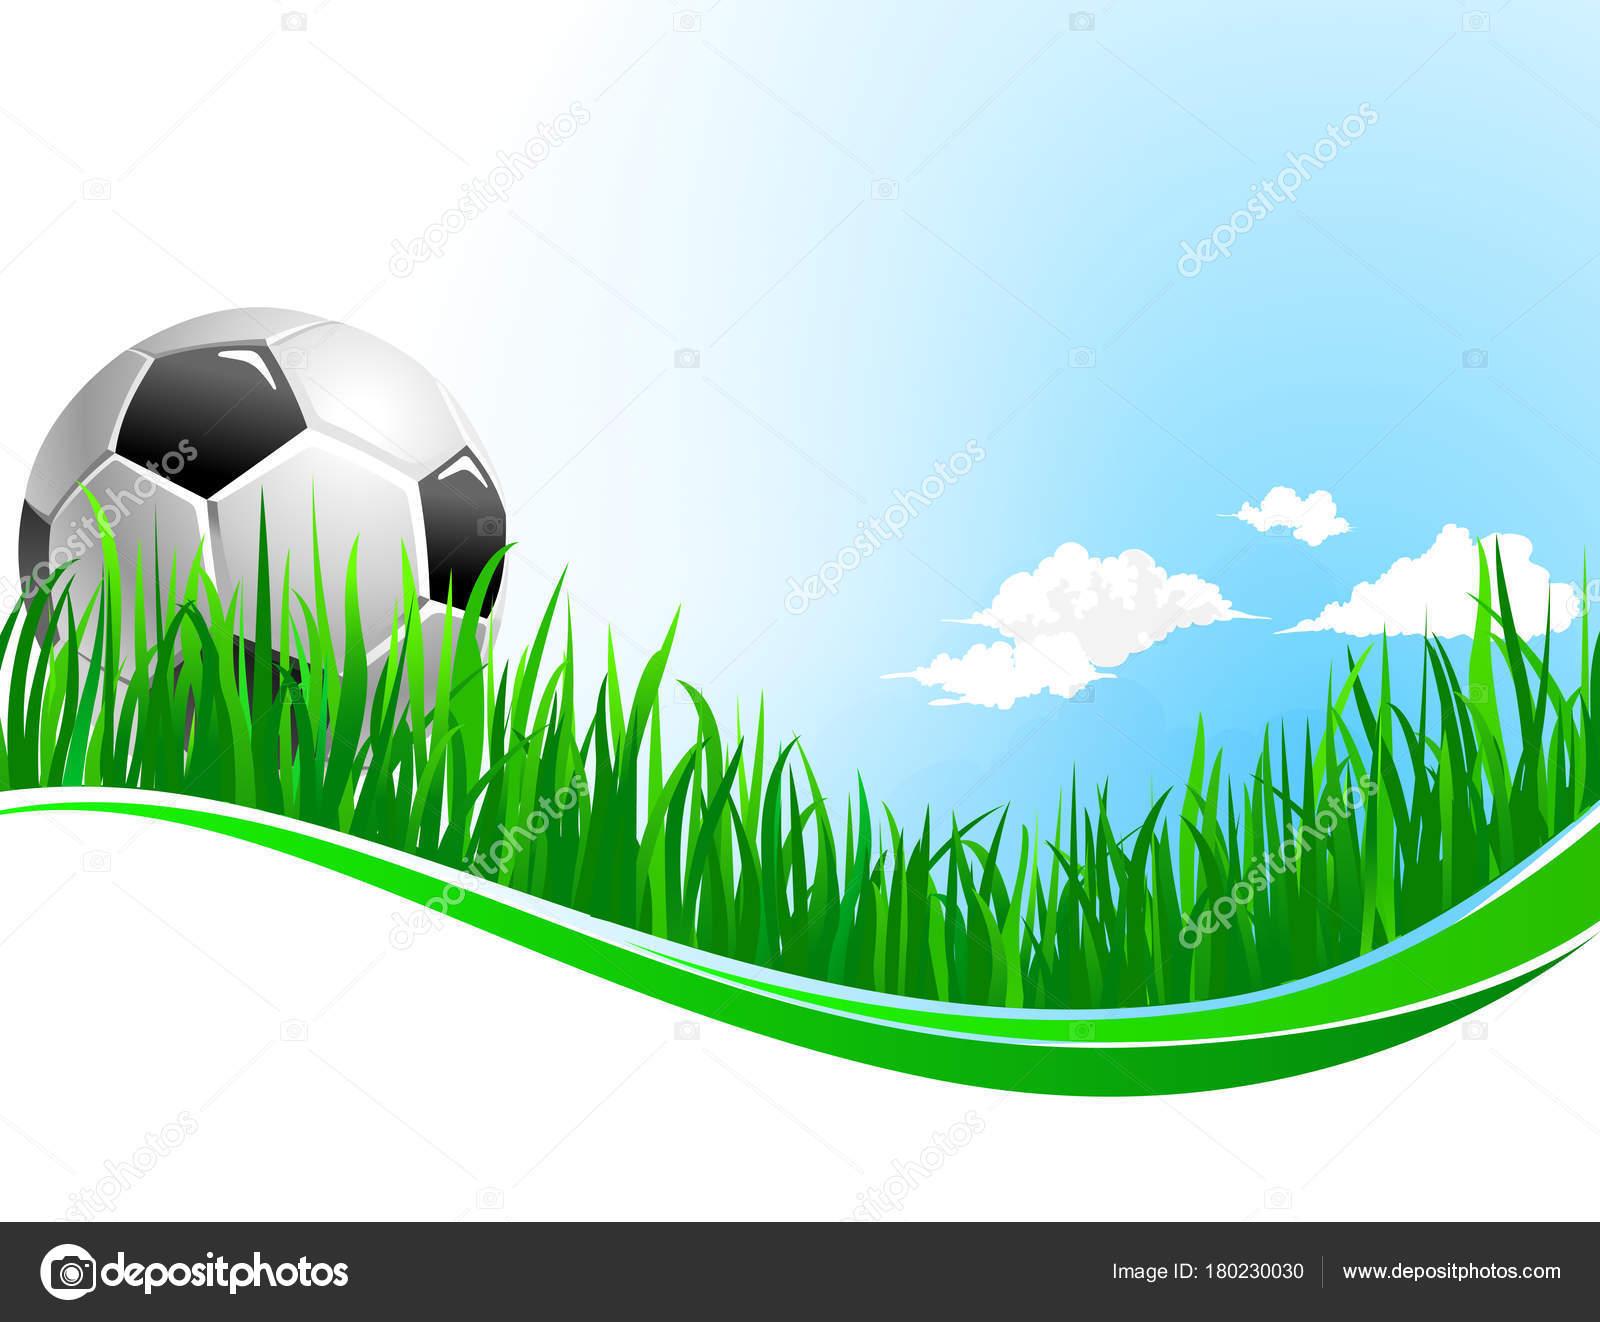 Fondos De Pantalla Fútbol Pelota Silueta Deporte: Background Fondos Para Deportes